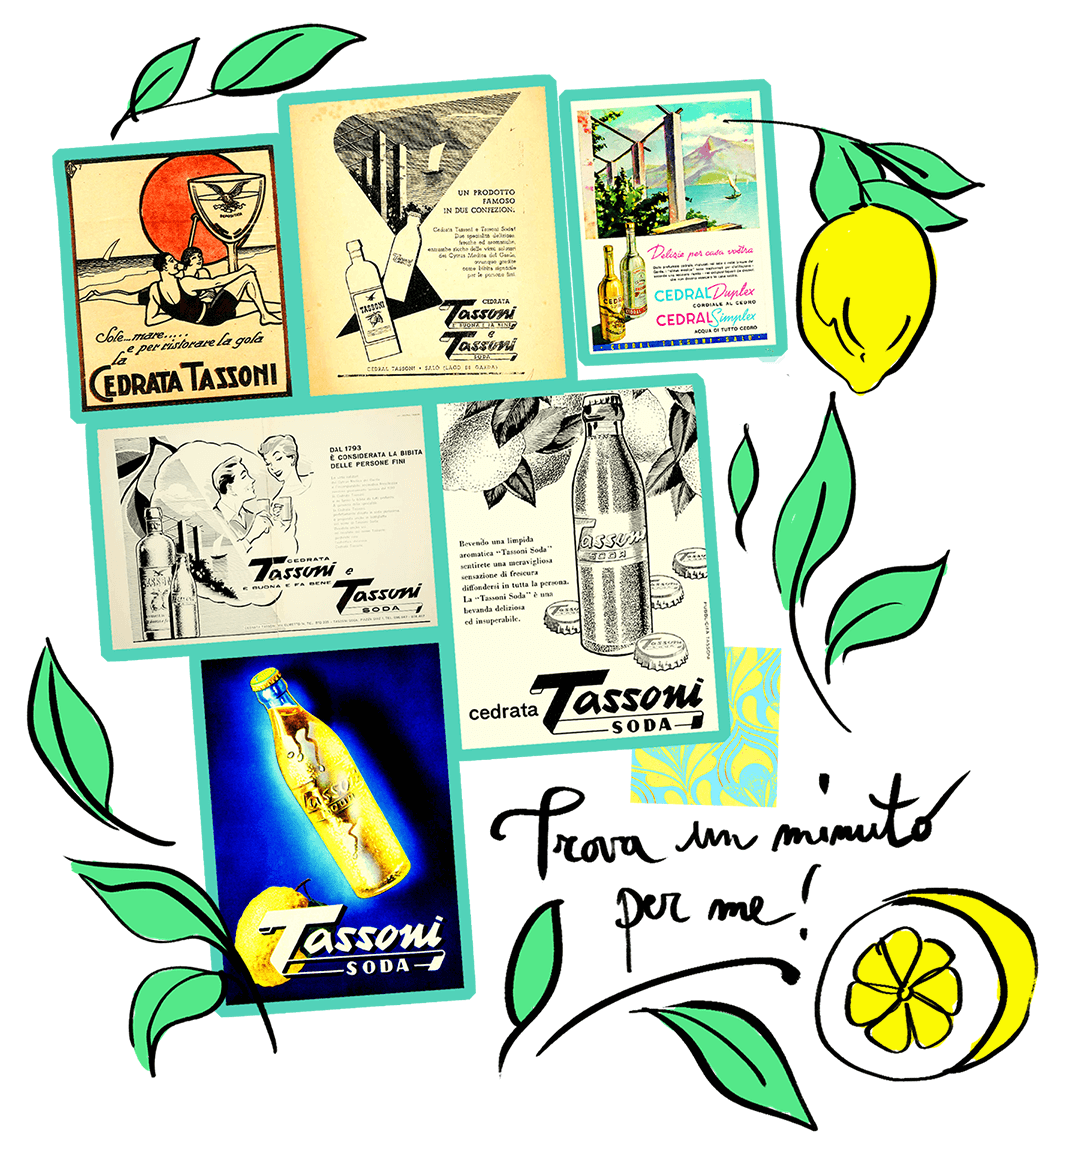 Cedrata tassoni pubblicità vintage